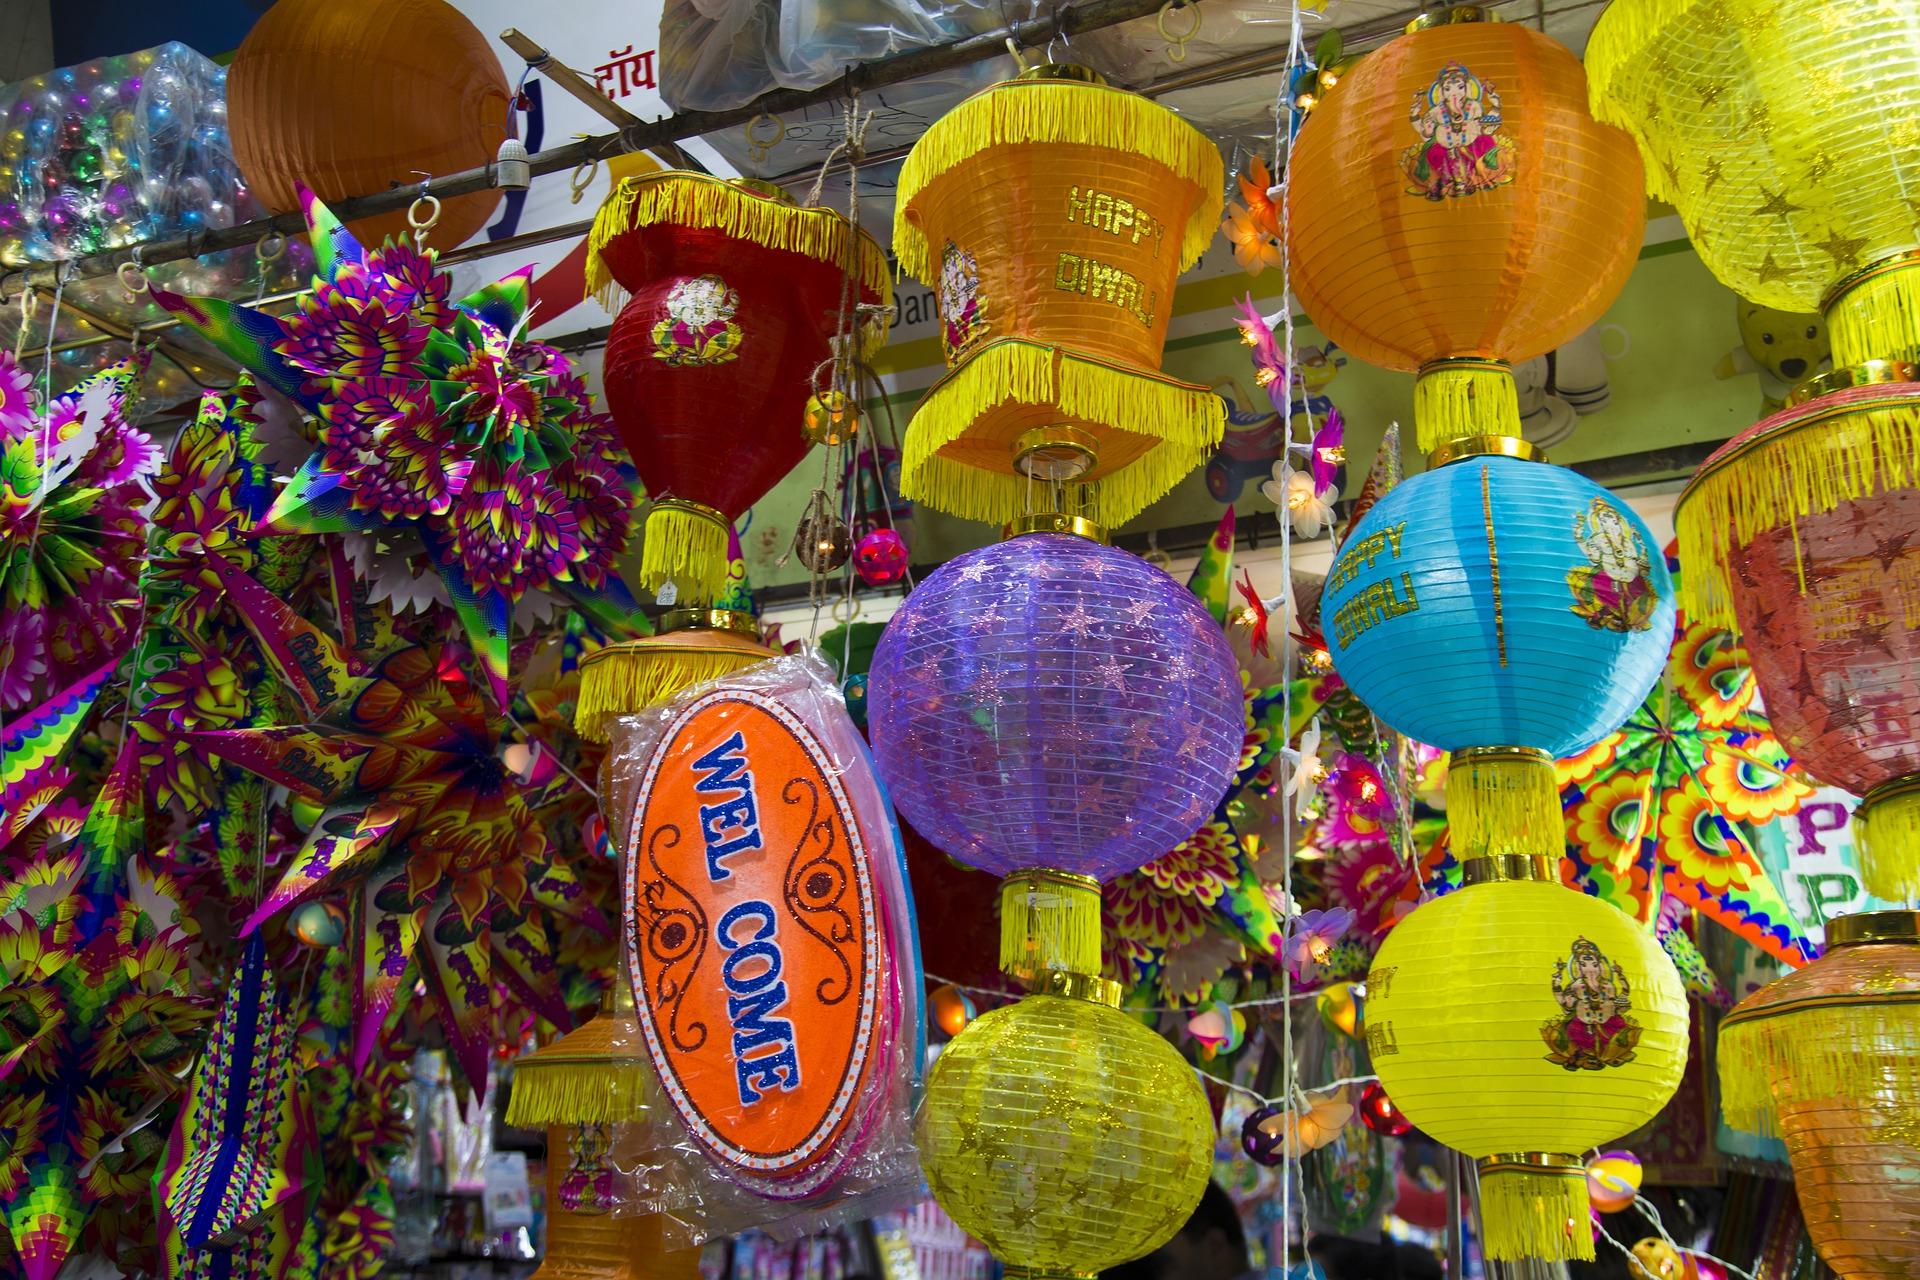 川越祭りの最寄り駅と混雑具合、周辺道路への車両規制について